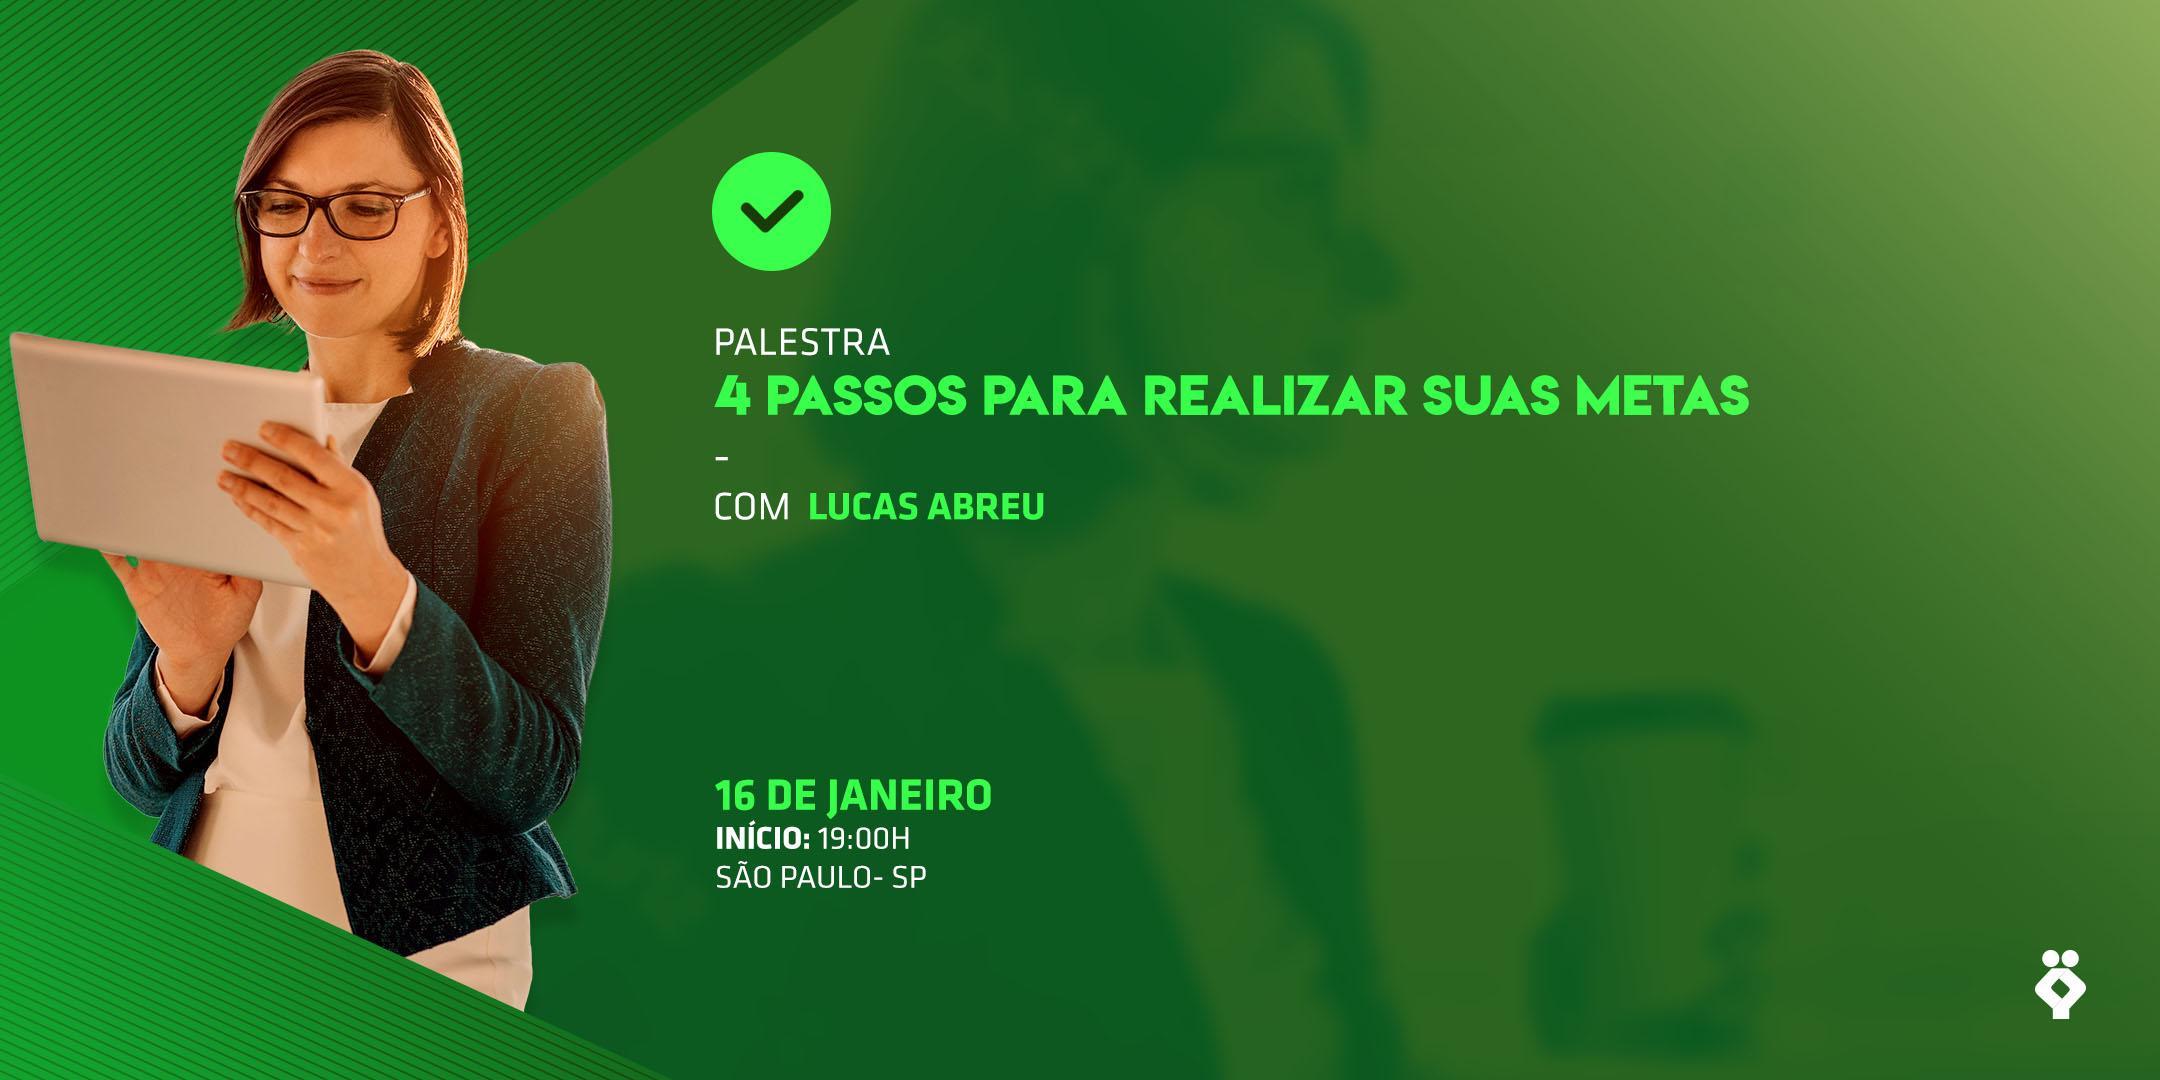 [SÃO PAULO/SP] 04 Passos para Realizar seus Sonhos 17/01